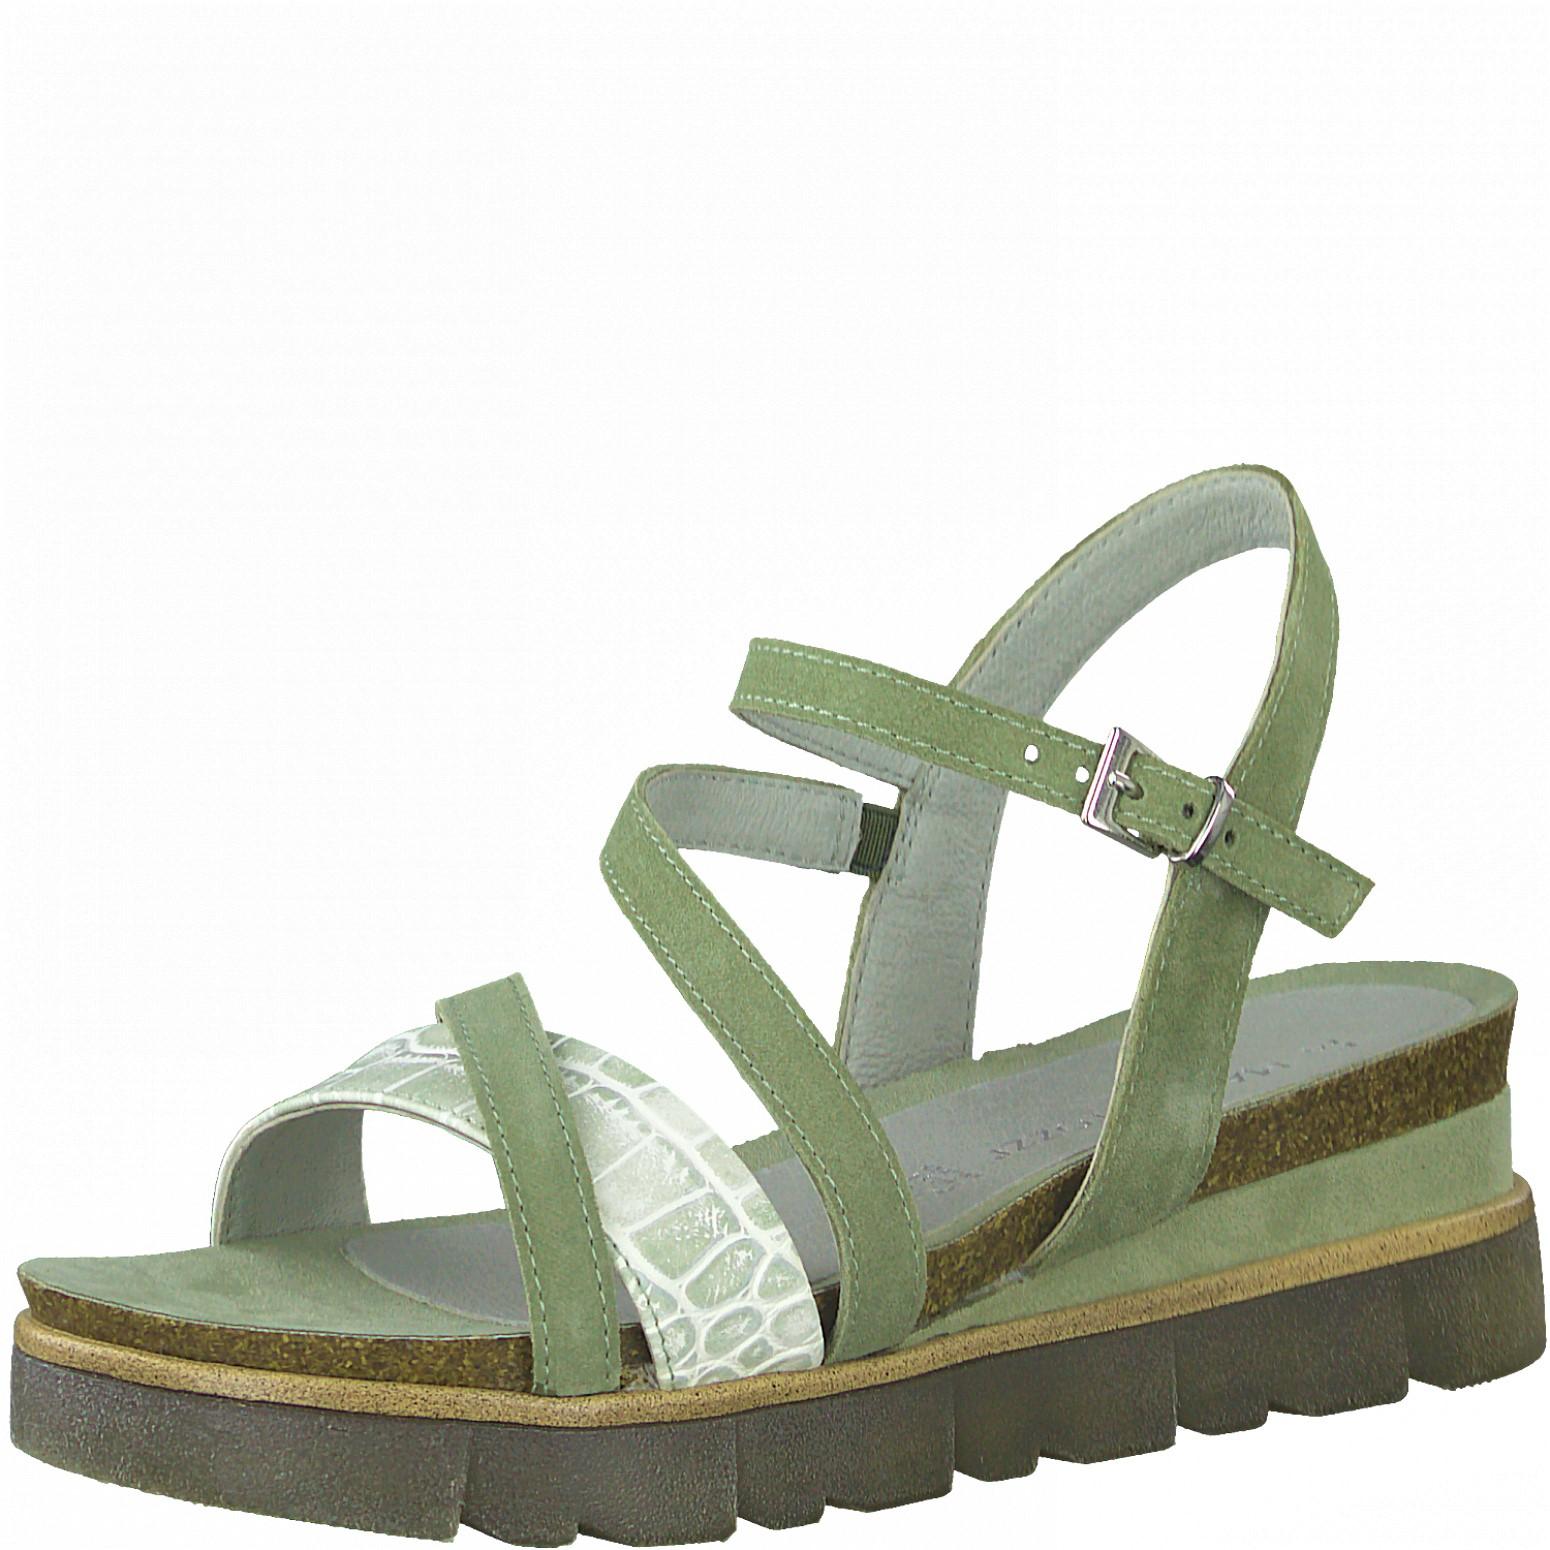 Sandale compensée Marco Tozzi 28509 765